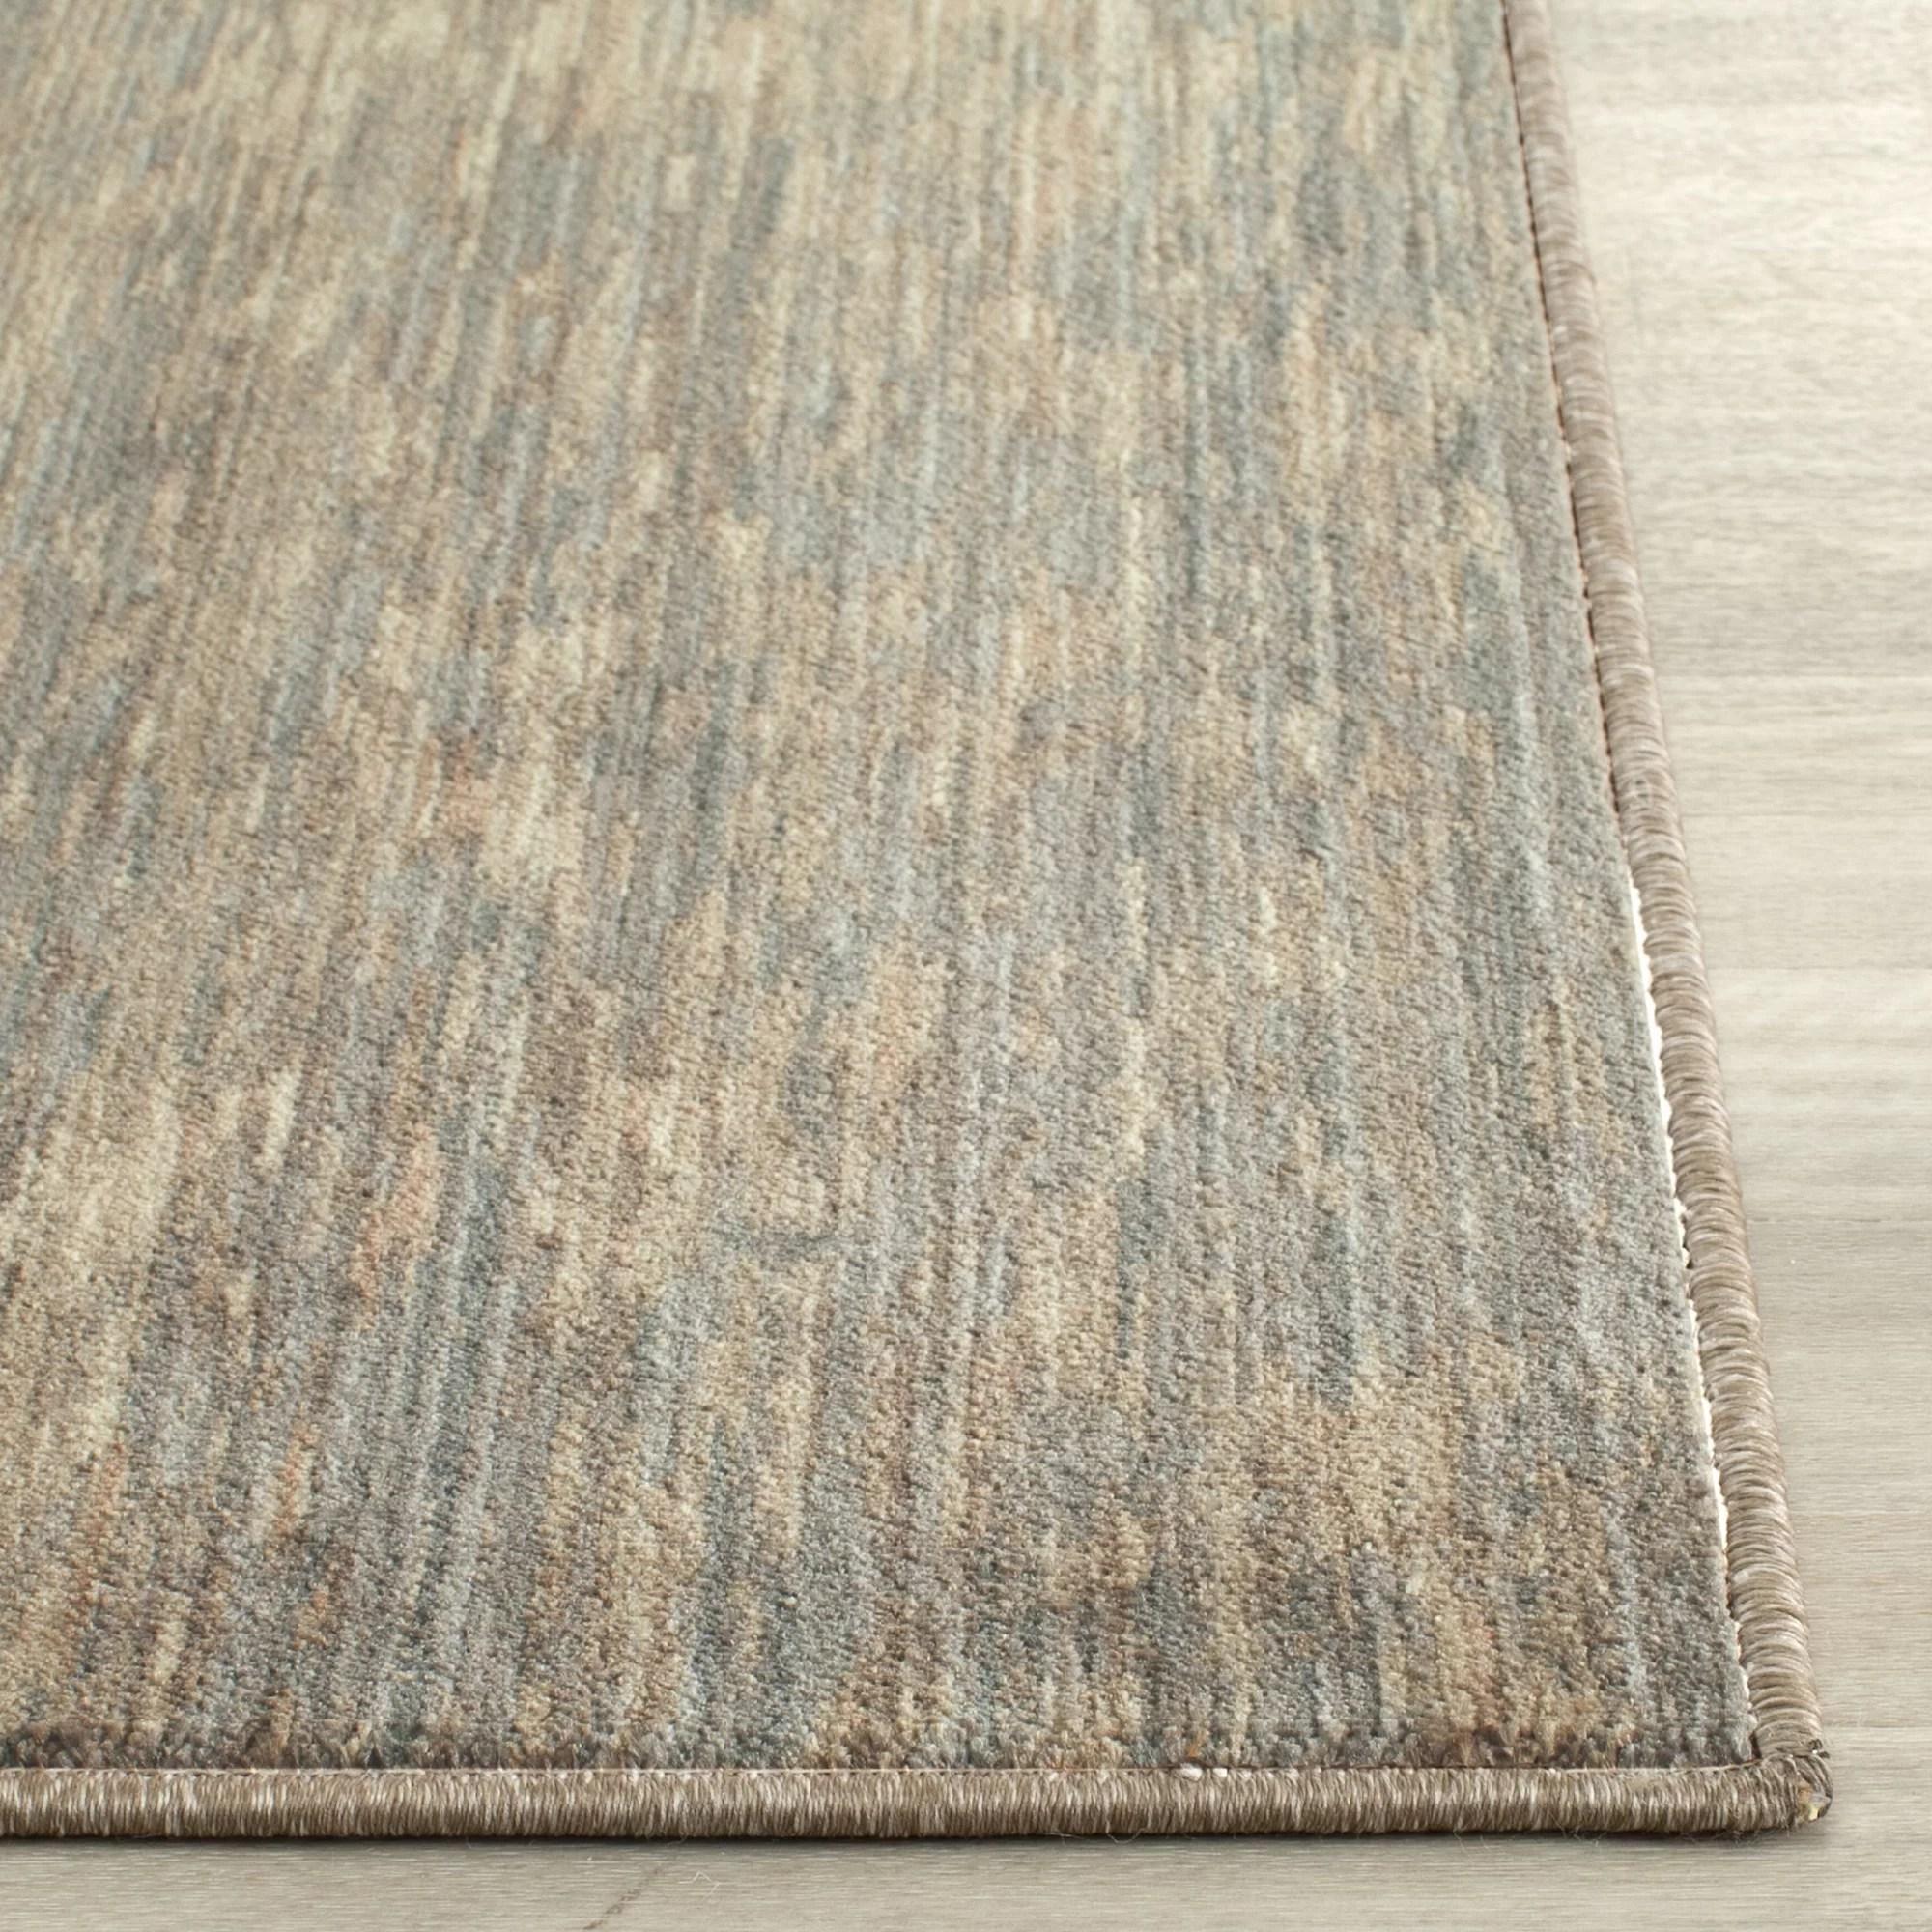 2x3 kitchen rug island rolling gray and beige area rug; smileydot.us